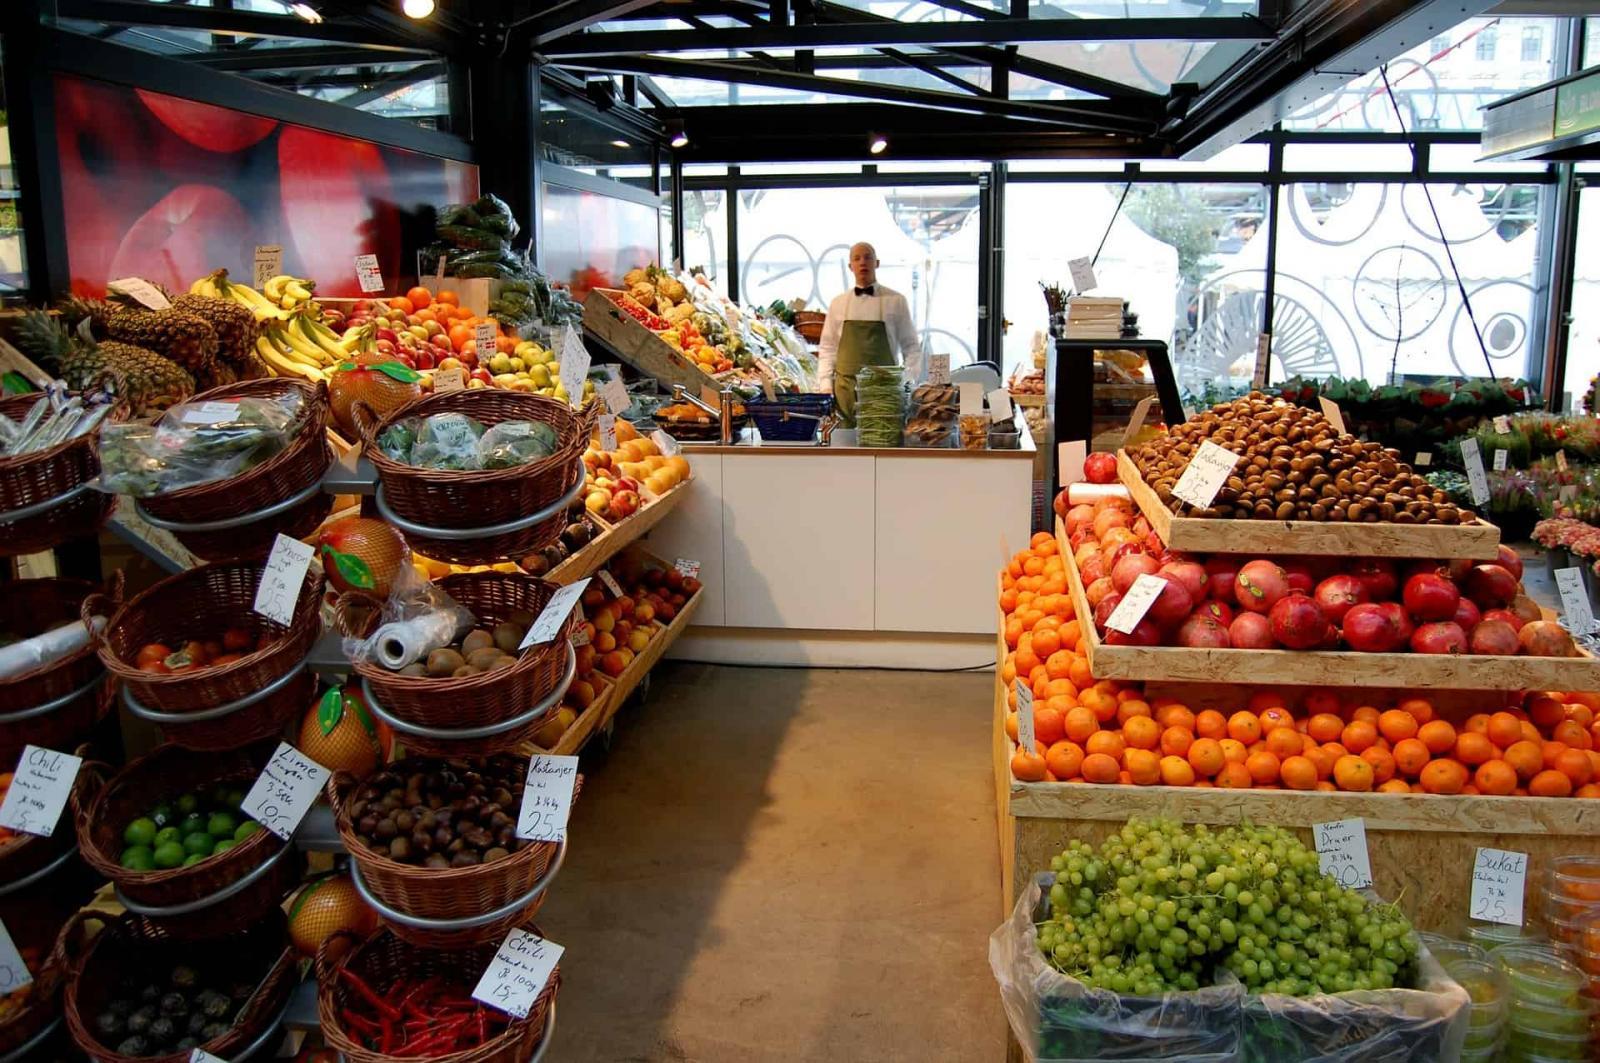 В Брянской области работают 7 424 предприятия торговли